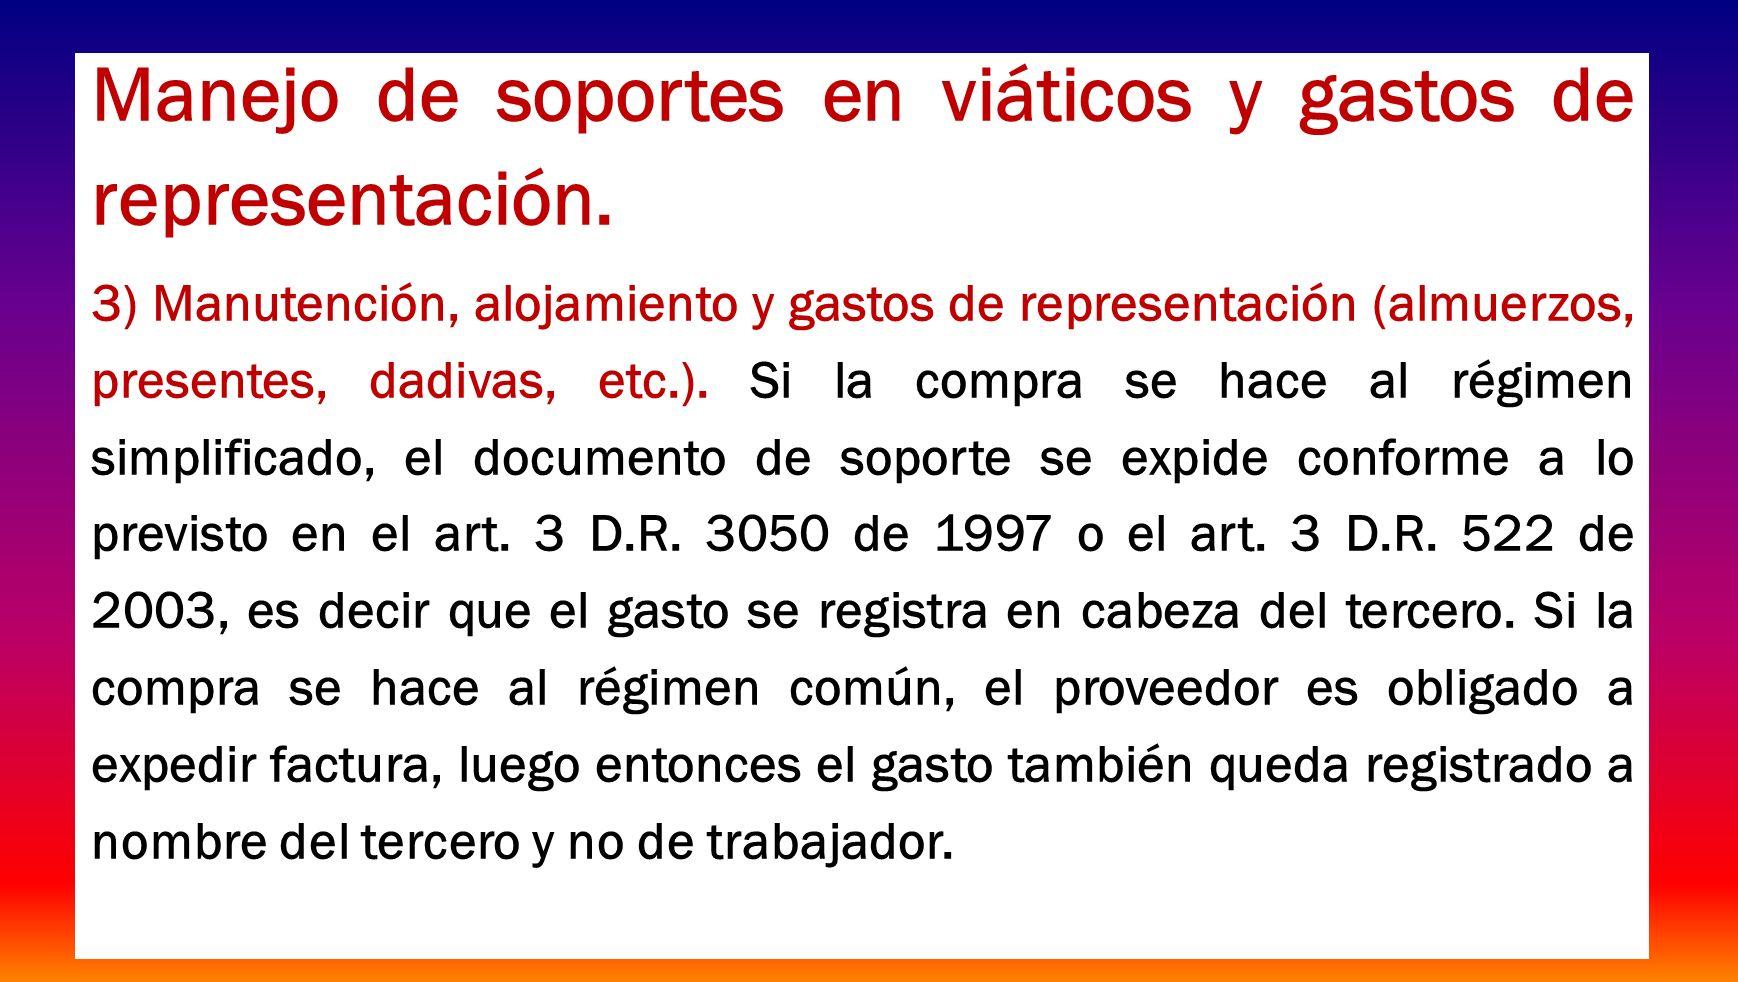 Manejo de soportes en viáticos y gastos de representación. 3) Manutención, alojamiento y gastos de representación (almuerzos, presentes, dadivas, etc.